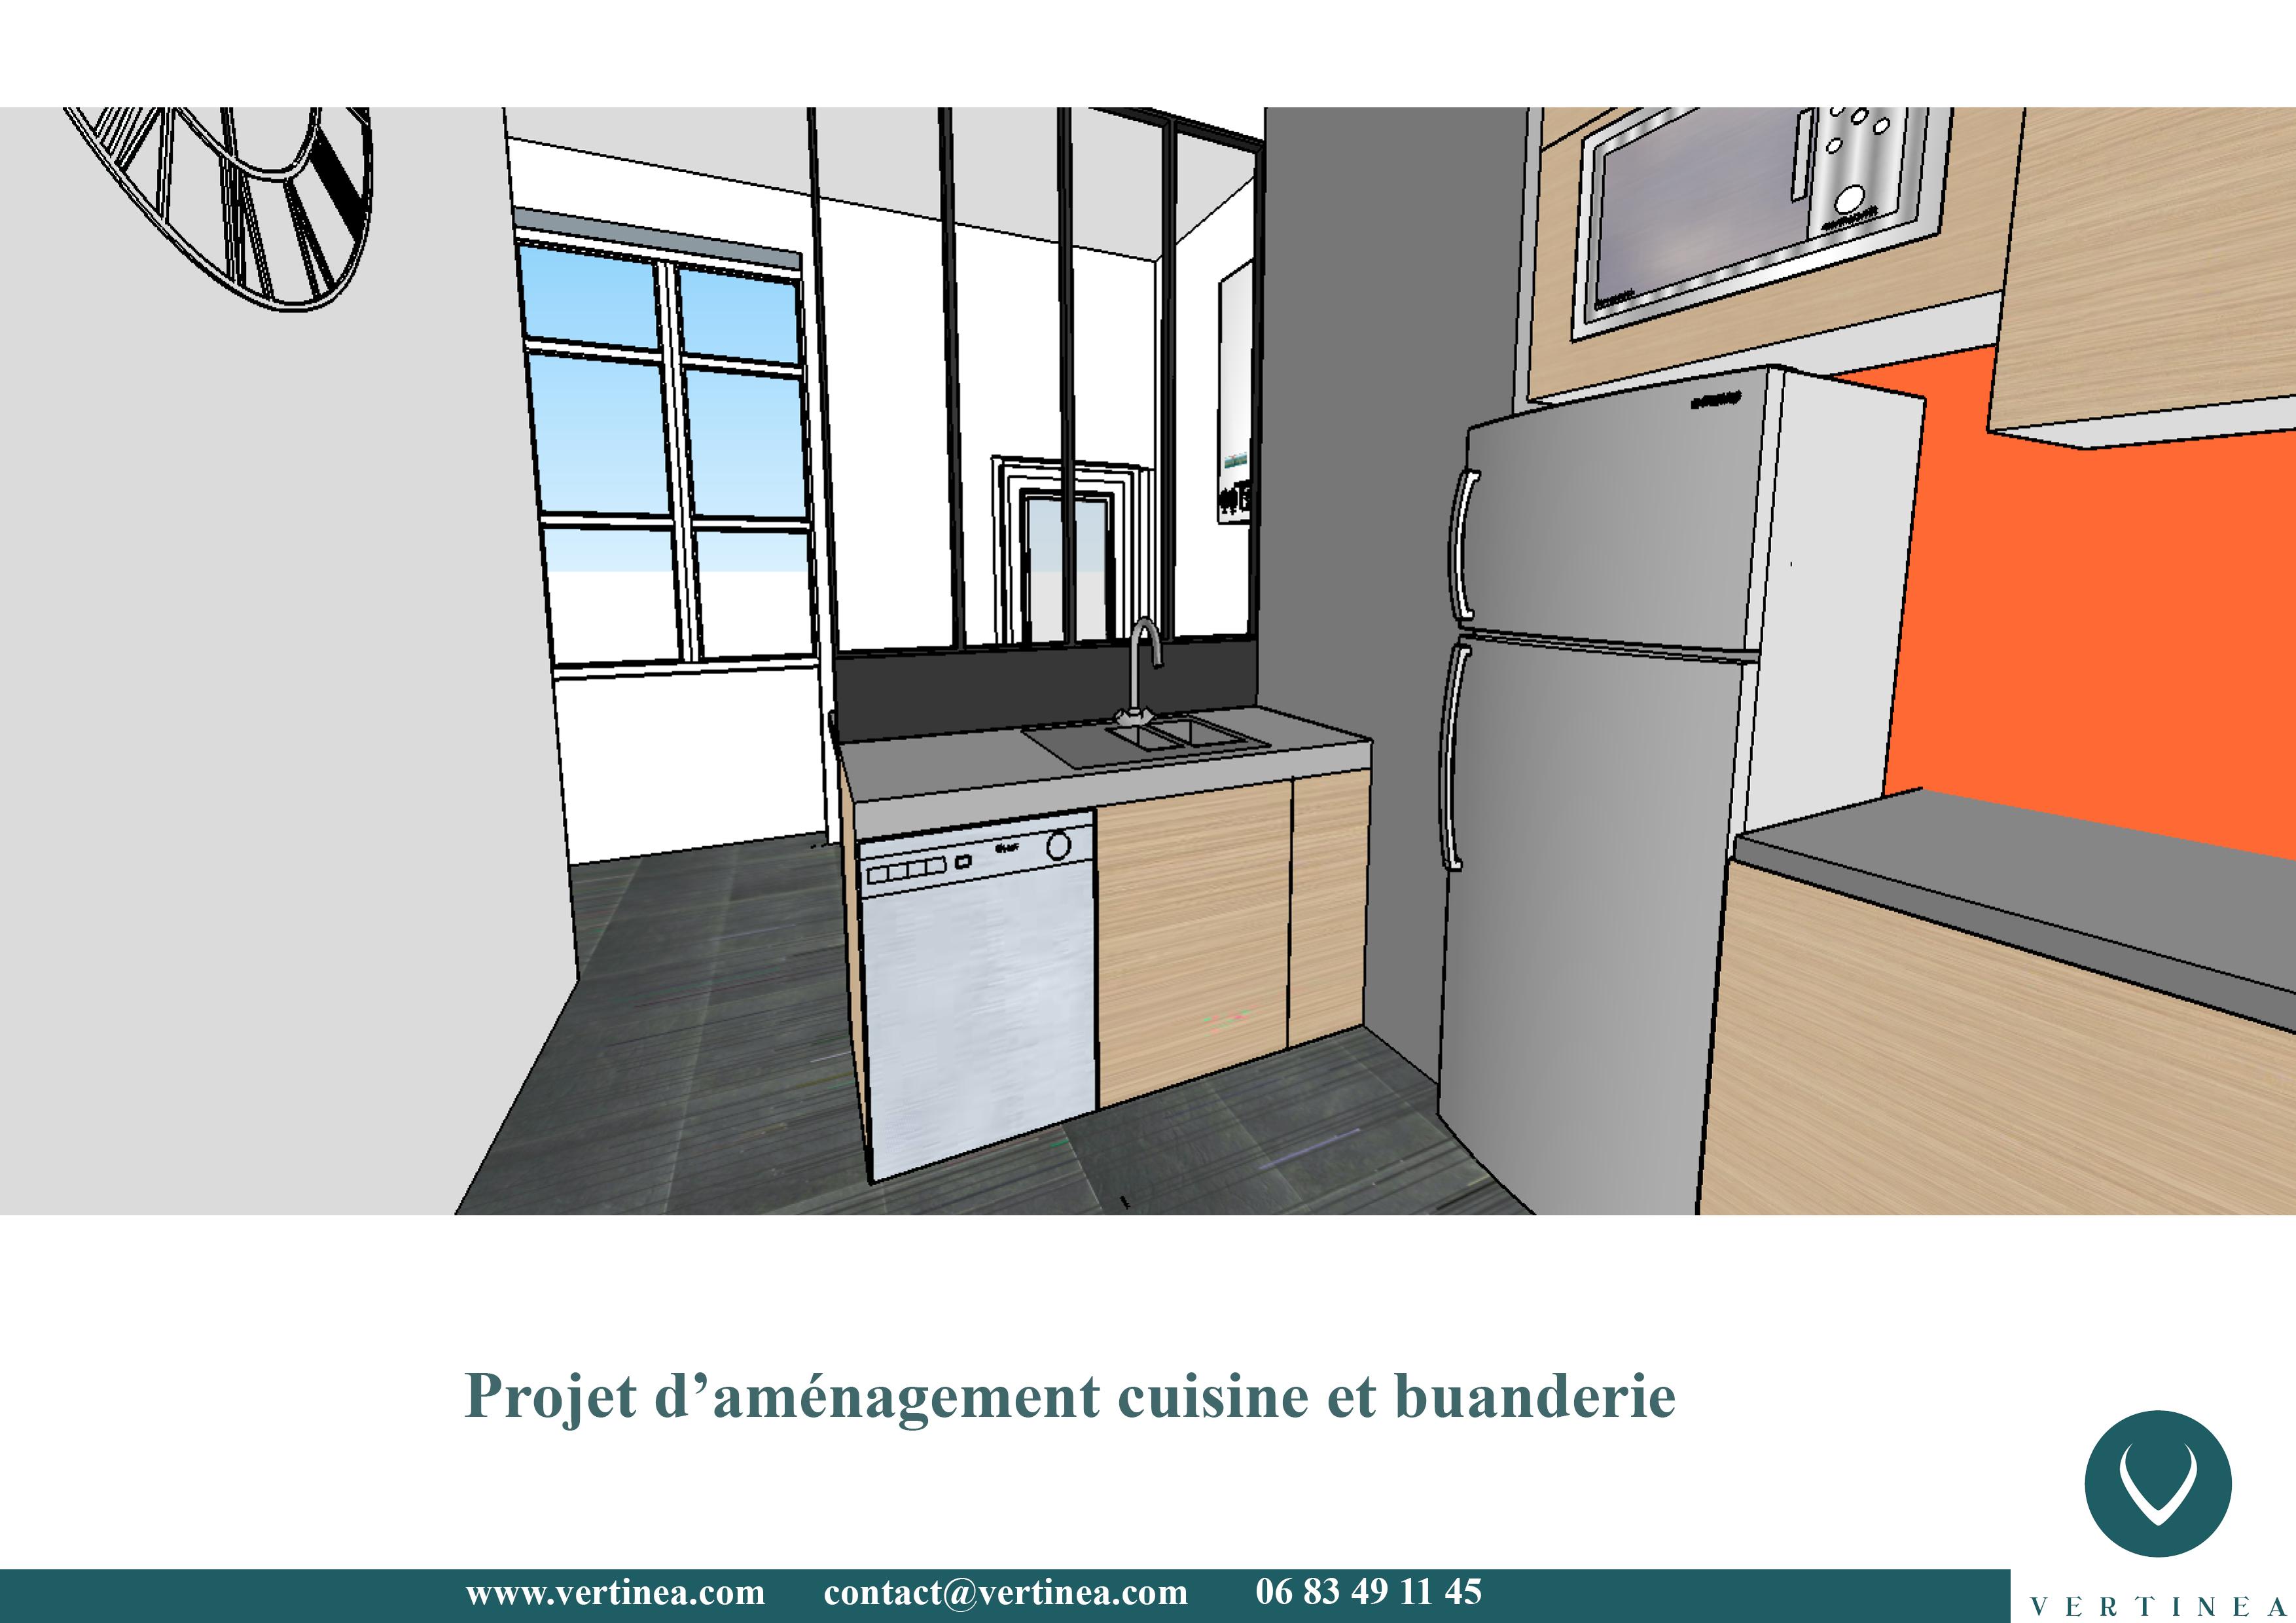 conseil amnagement cuisine conseil amnagement cuisine with conseil amnagement cuisine with. Black Bedroom Furniture Sets. Home Design Ideas